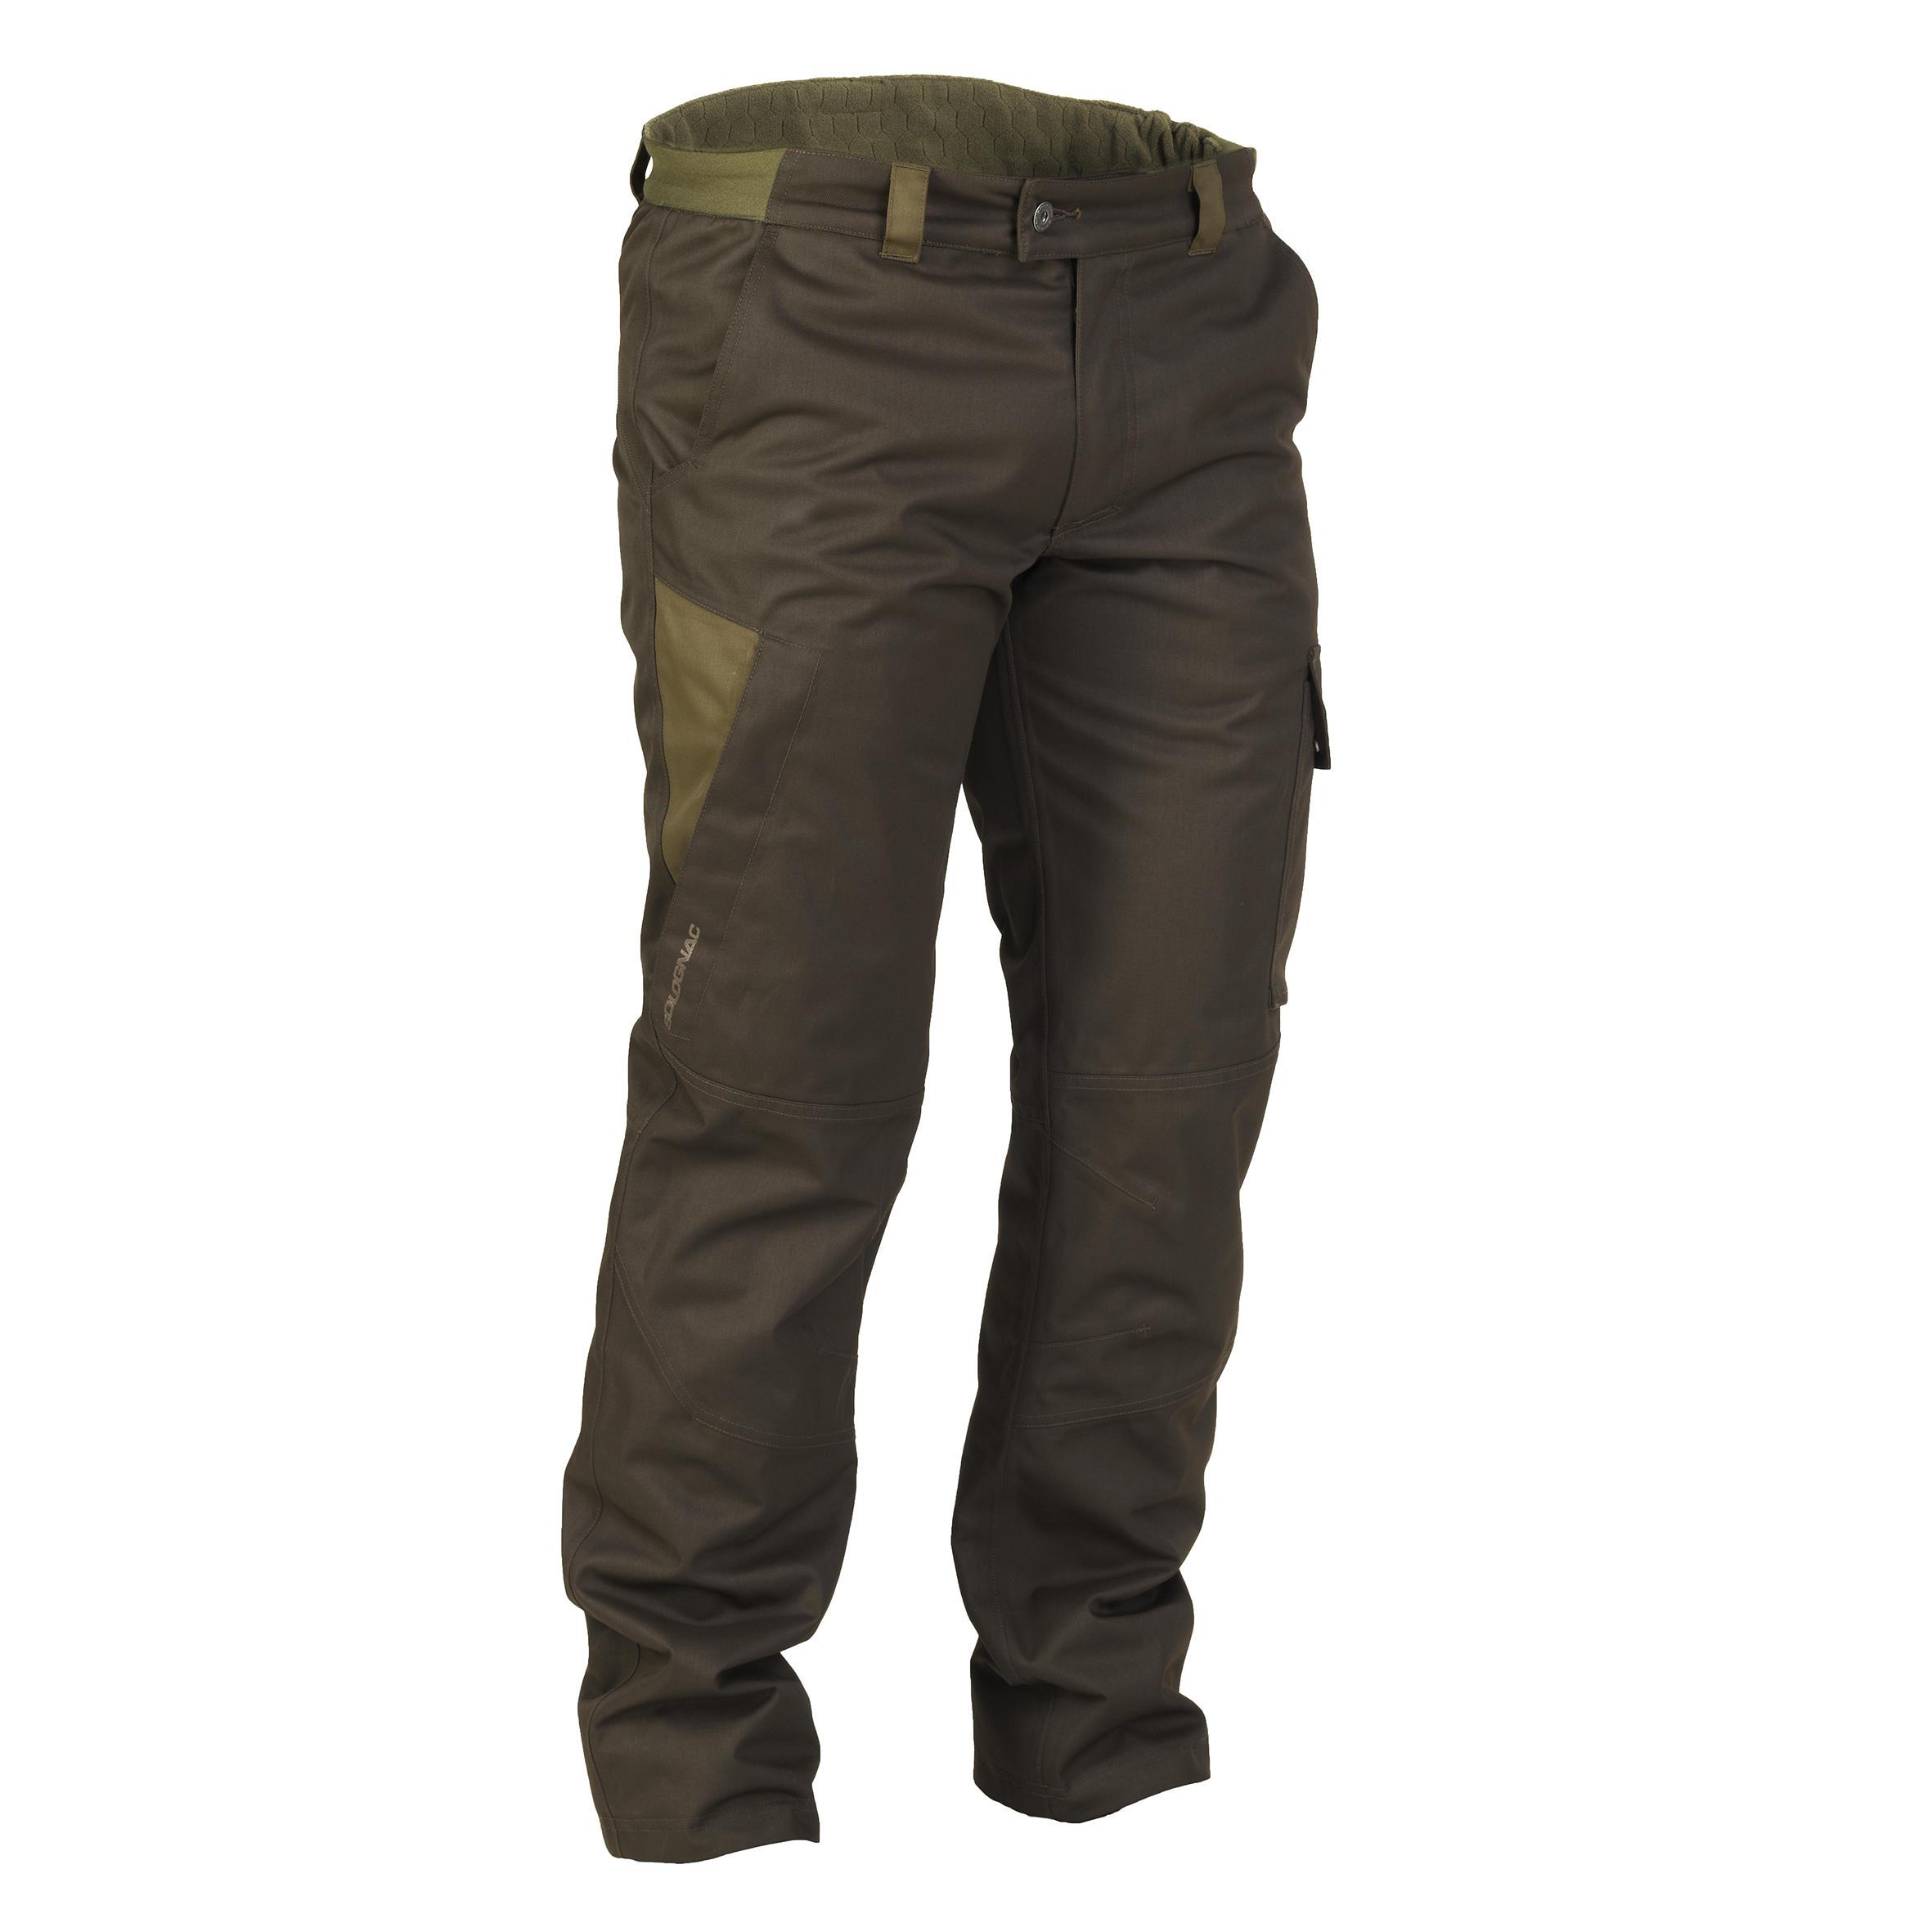 Pantalon chasse impermeable chaud 500 marron solognac